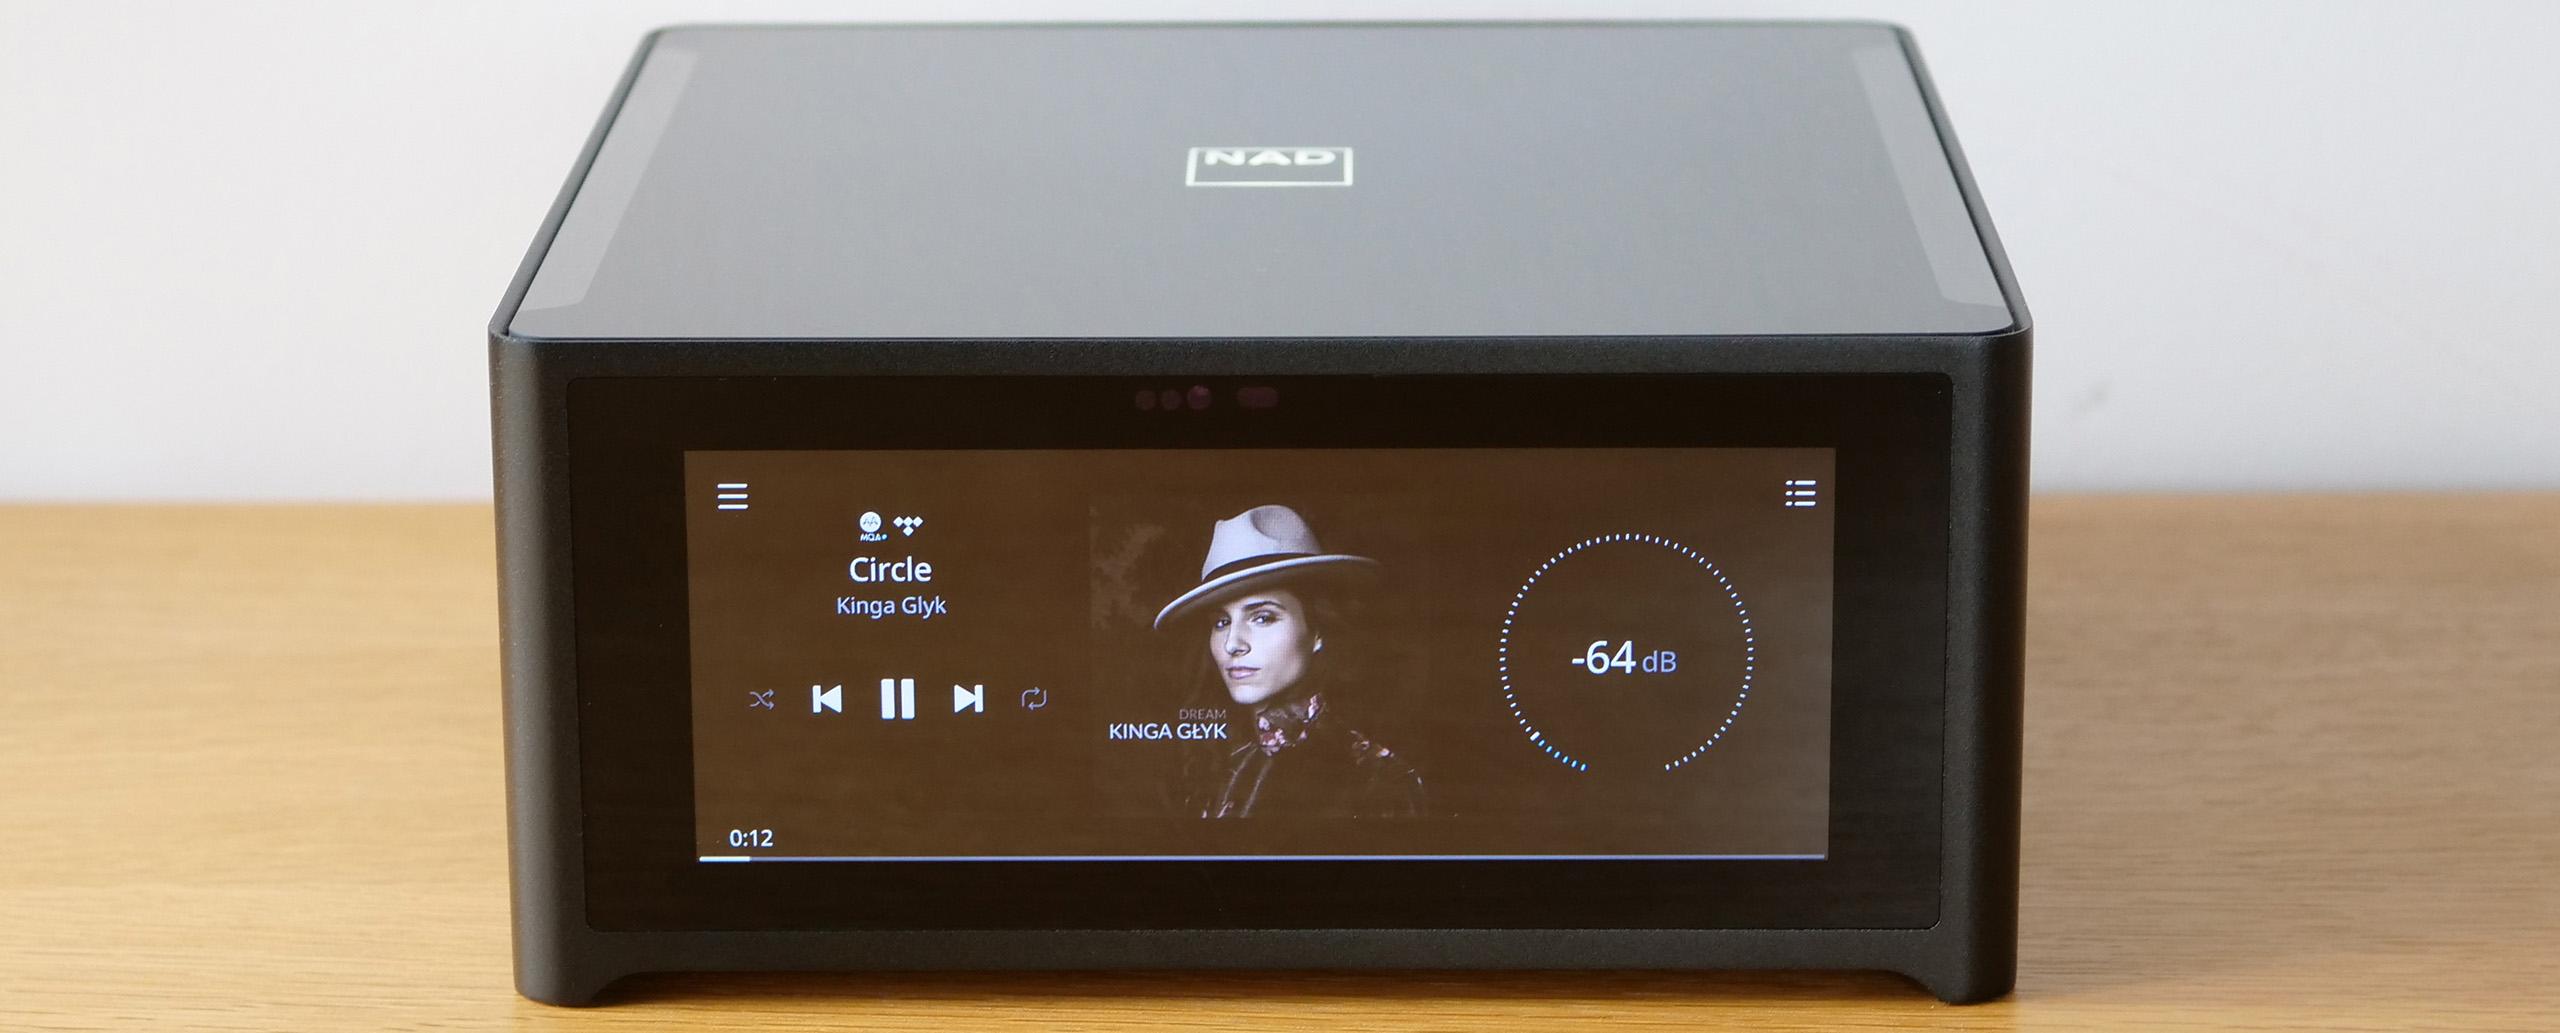 Test de l'ampli connecté NAD M10 avec fonction multiroom, wifi, bluetooth, airplay 2, bluos et roon